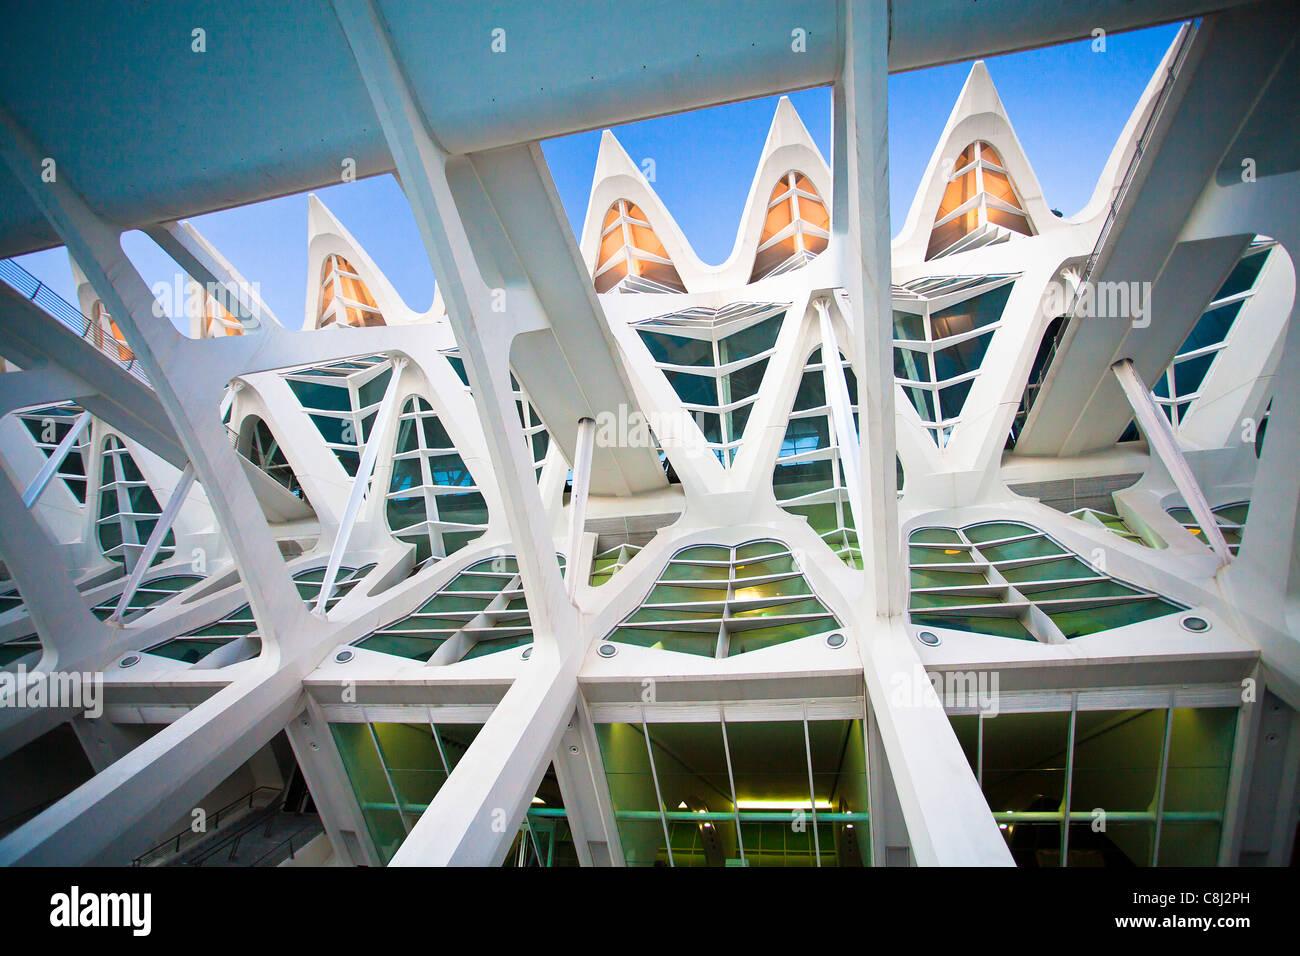 España, Europa, Valencia, Ciudad de las Artes y las Ciencias, Calatrava, la arquitectura moderna, la estructura Foto de stock